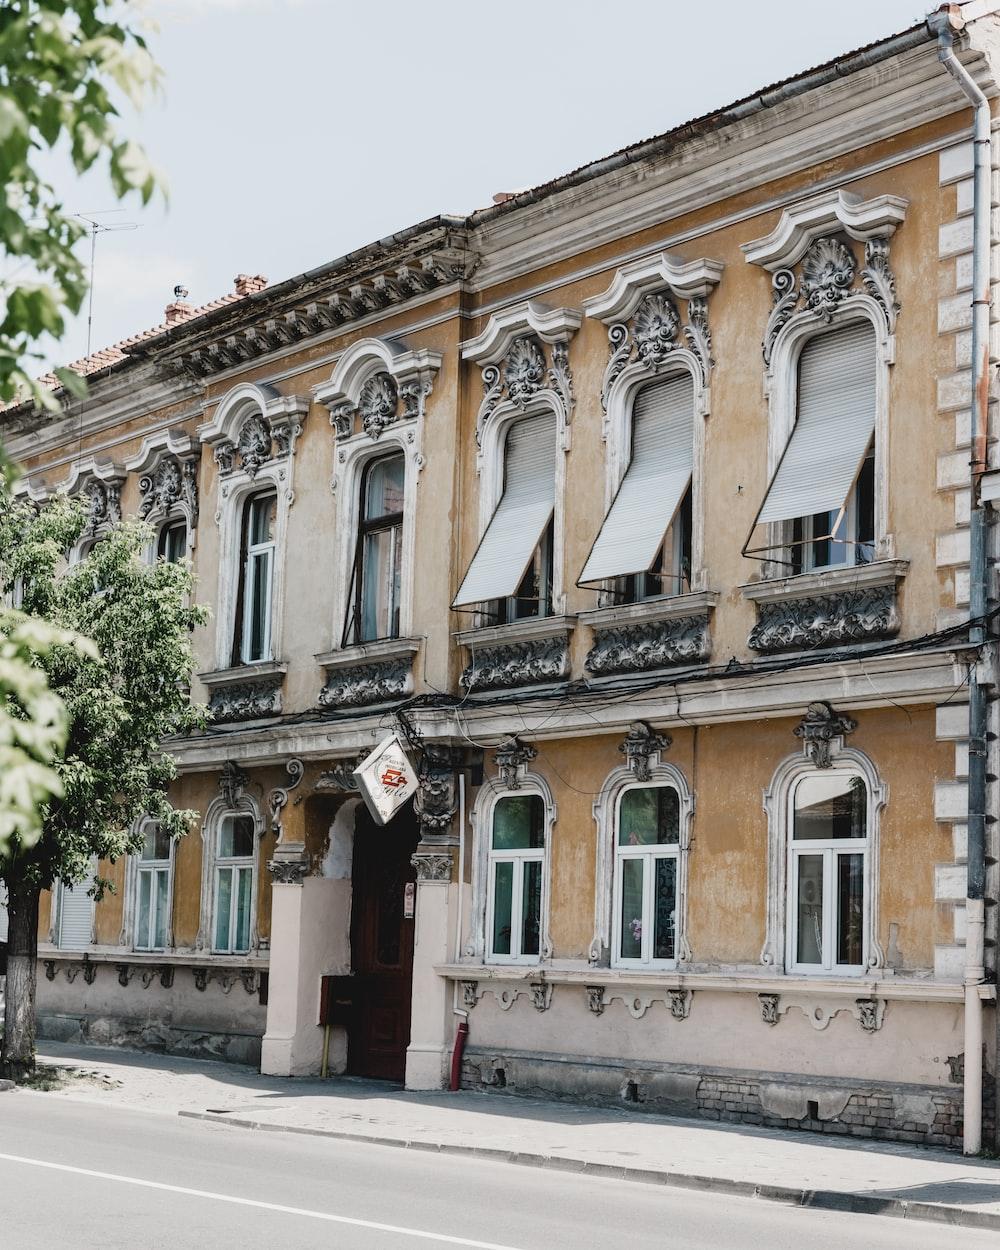 beige 2-storey building